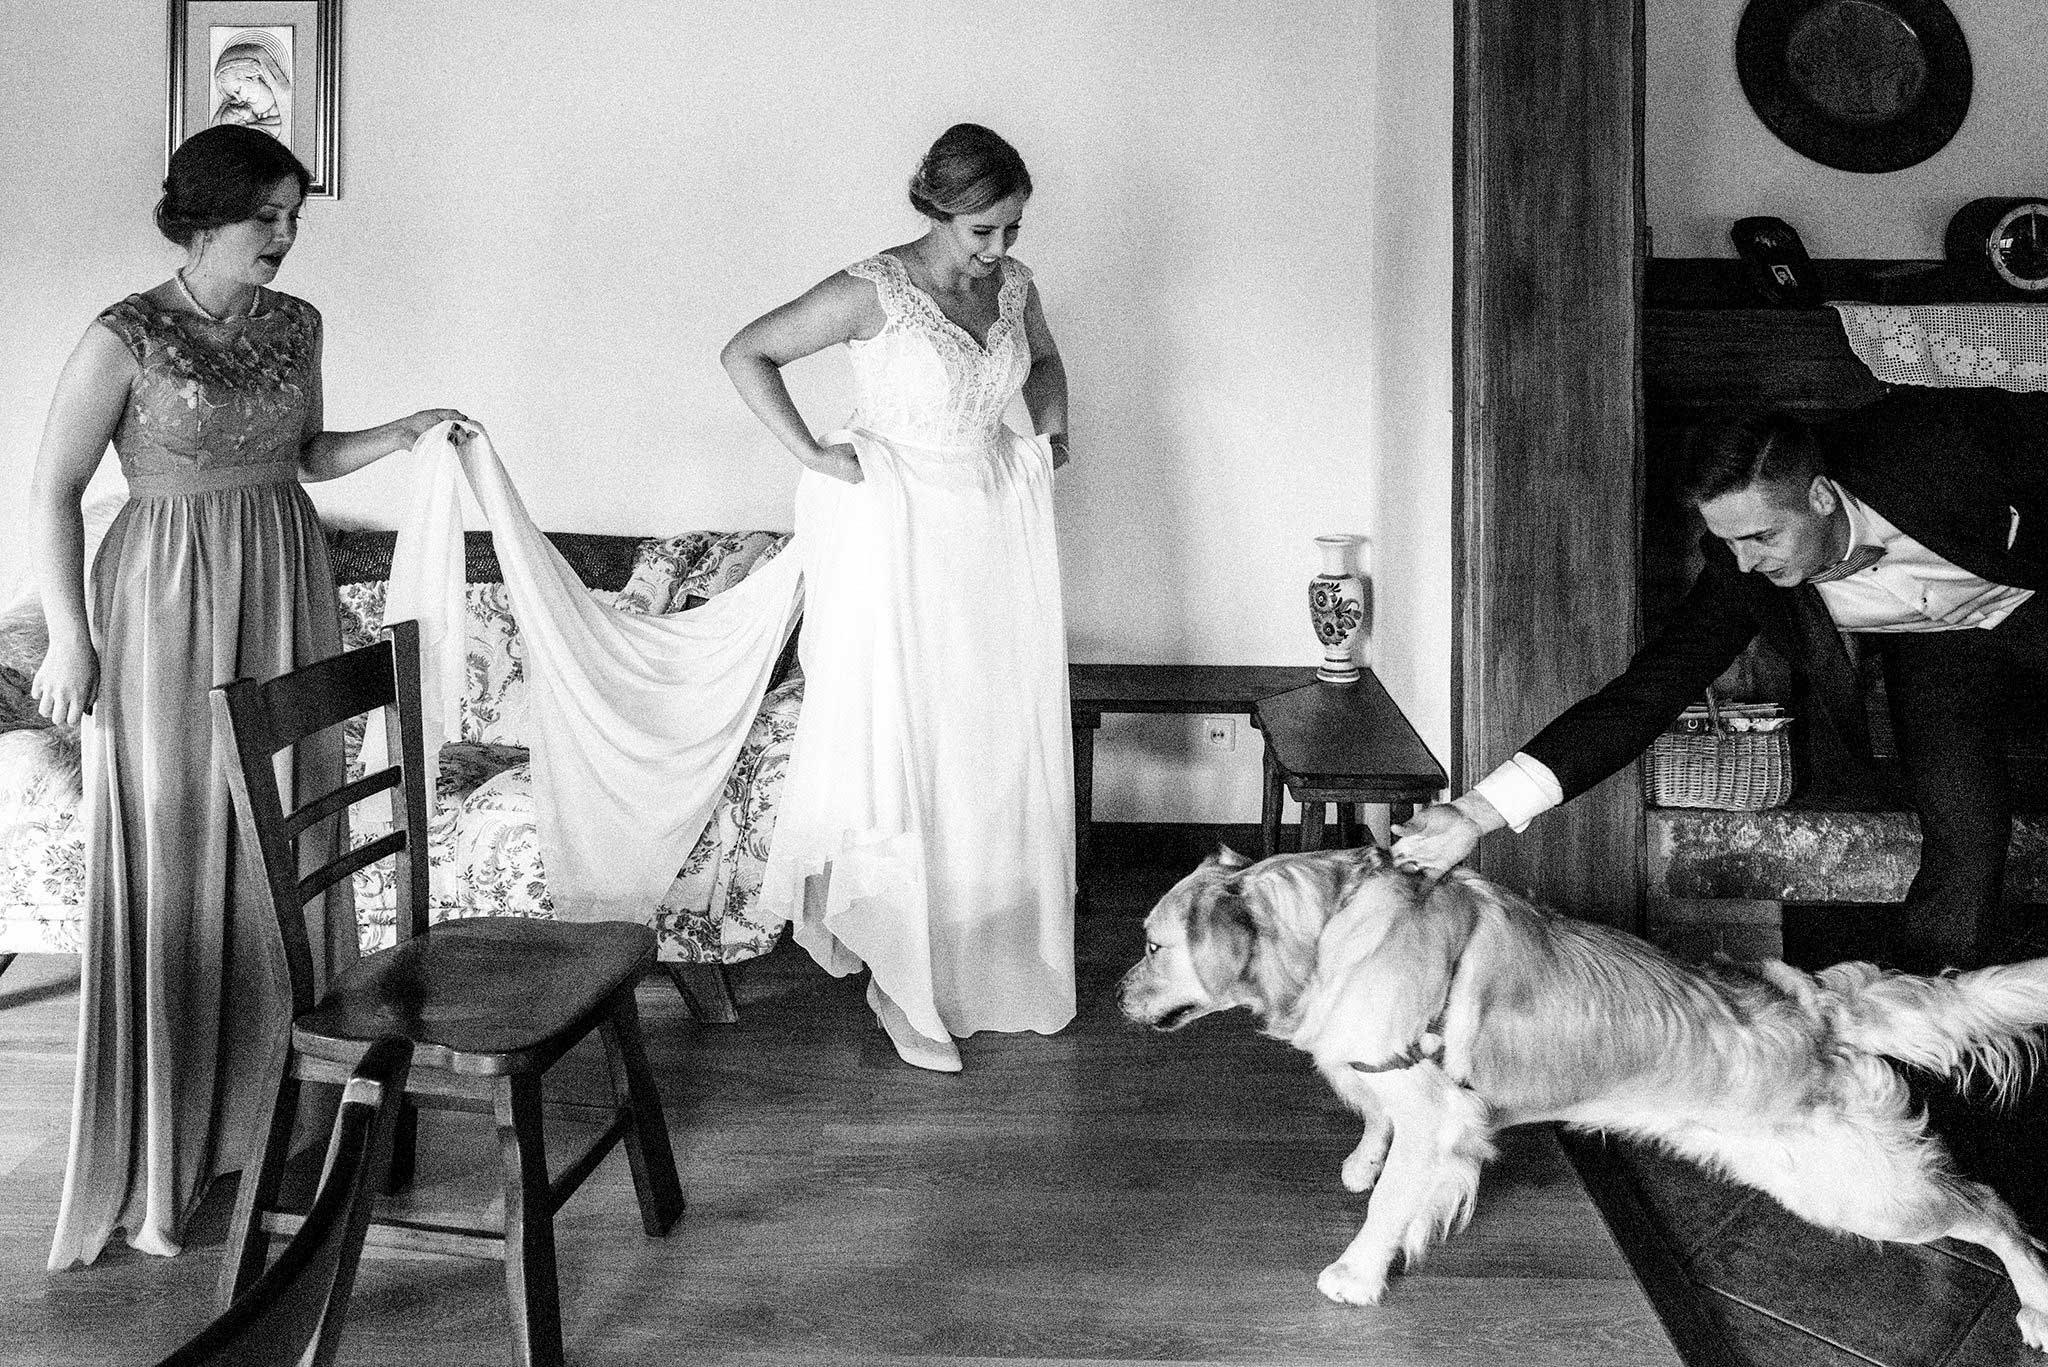 Zdjęcie reportażowe przedstawiające pannę młodą podczas przygotowań do ślubu i jej rodzinę oraz psa